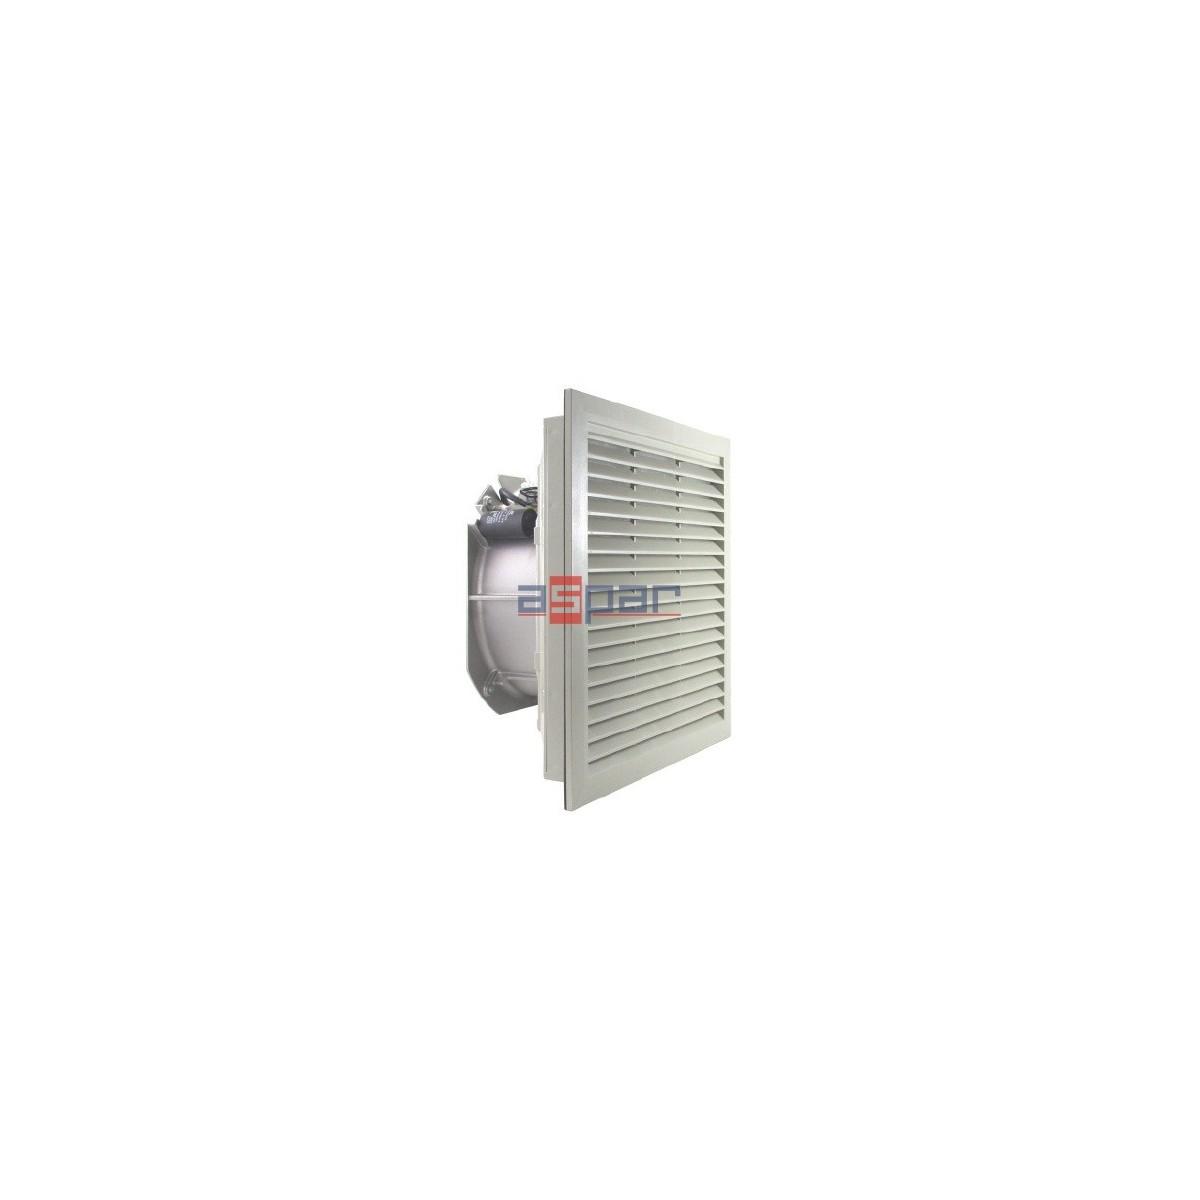 Wentylator filtrujący LV 600 - 323 x 323 mm